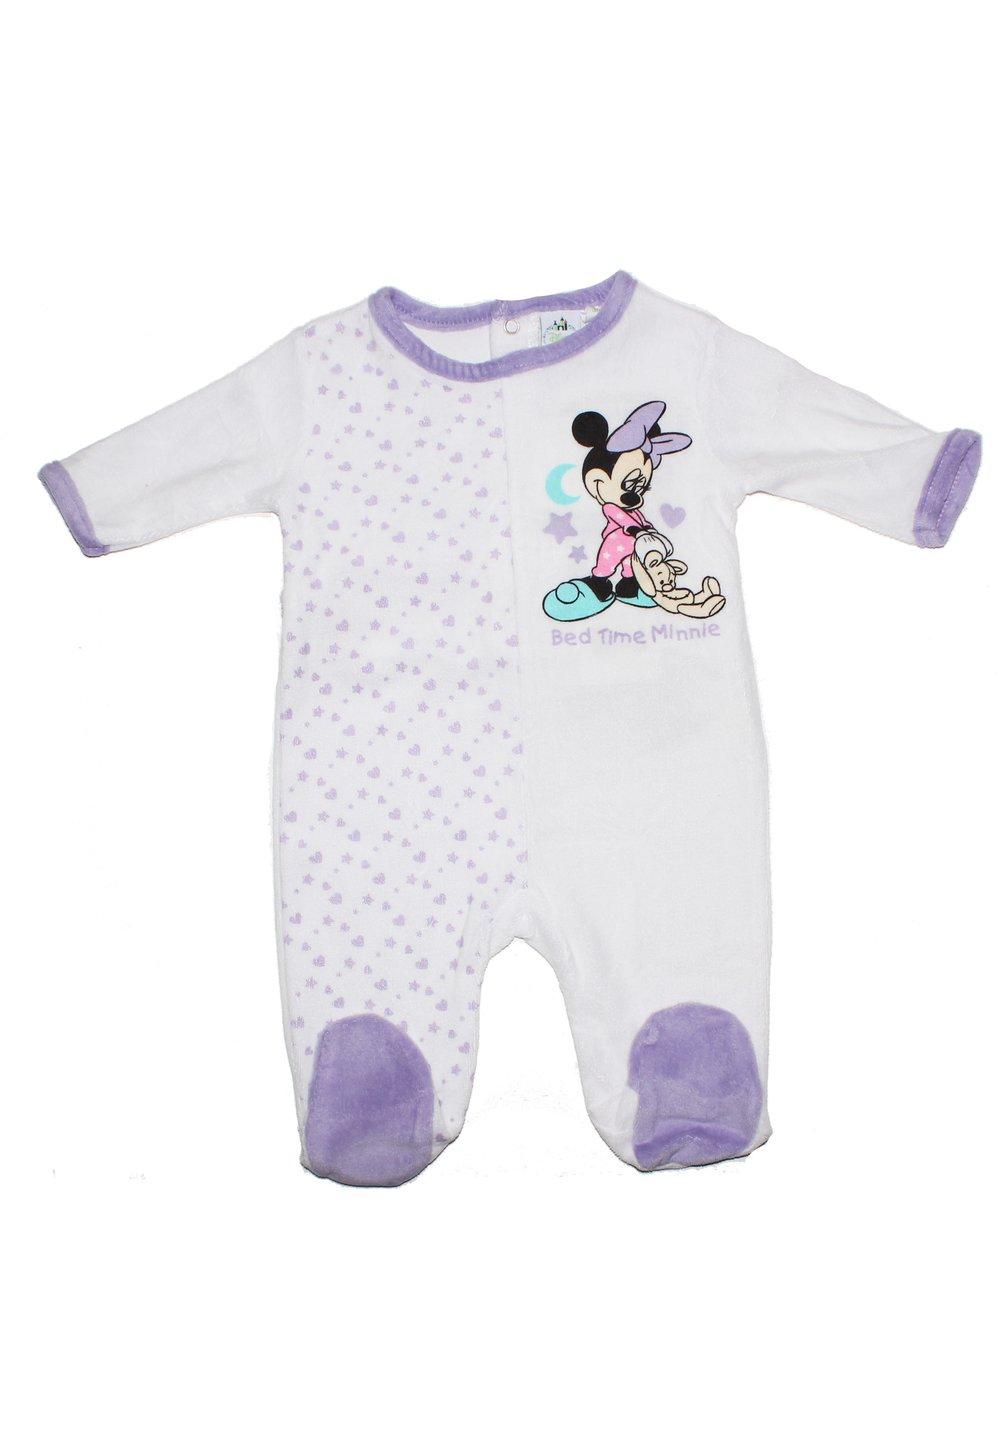 Salopeta bebe Minnie mouse, cu stelute, mov imagine